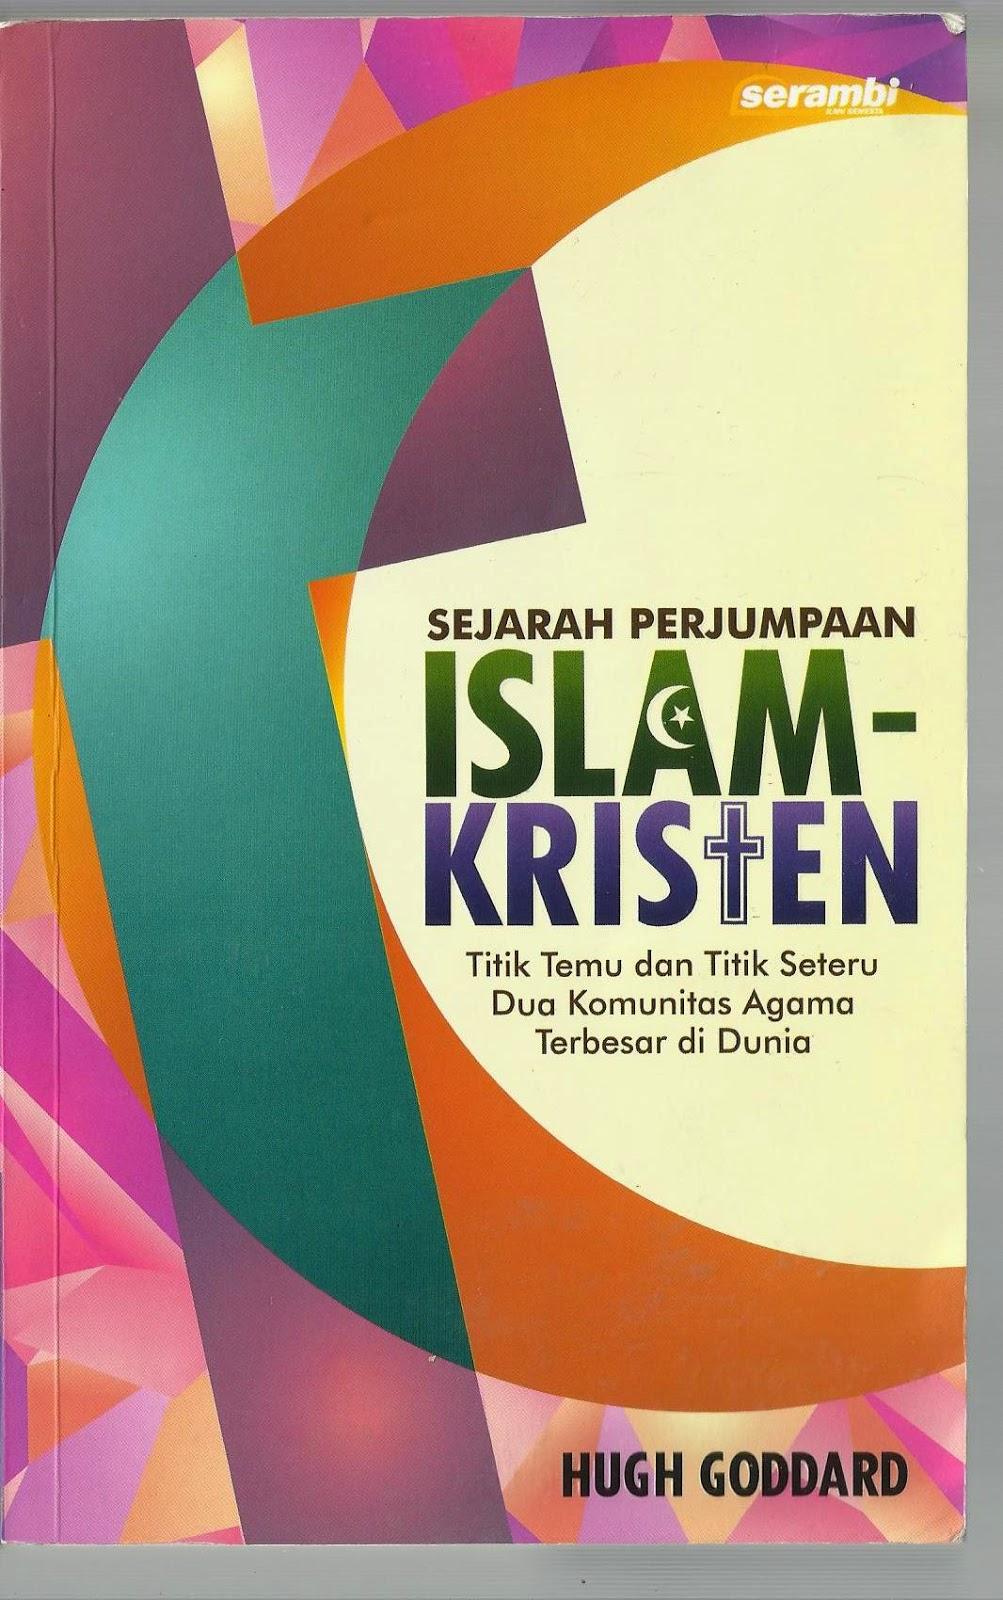 Sejarah perjumpaan islam-kristen